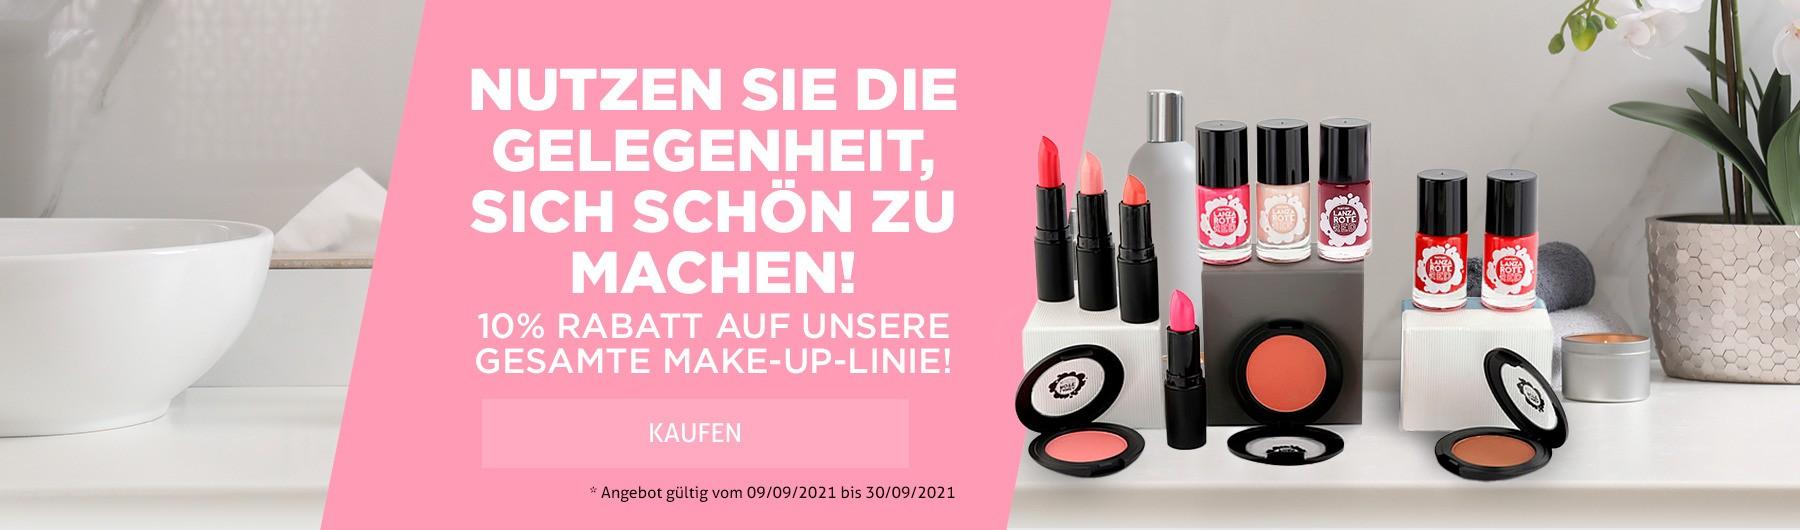 10% RABATT auf unsere Make-up-Linie!